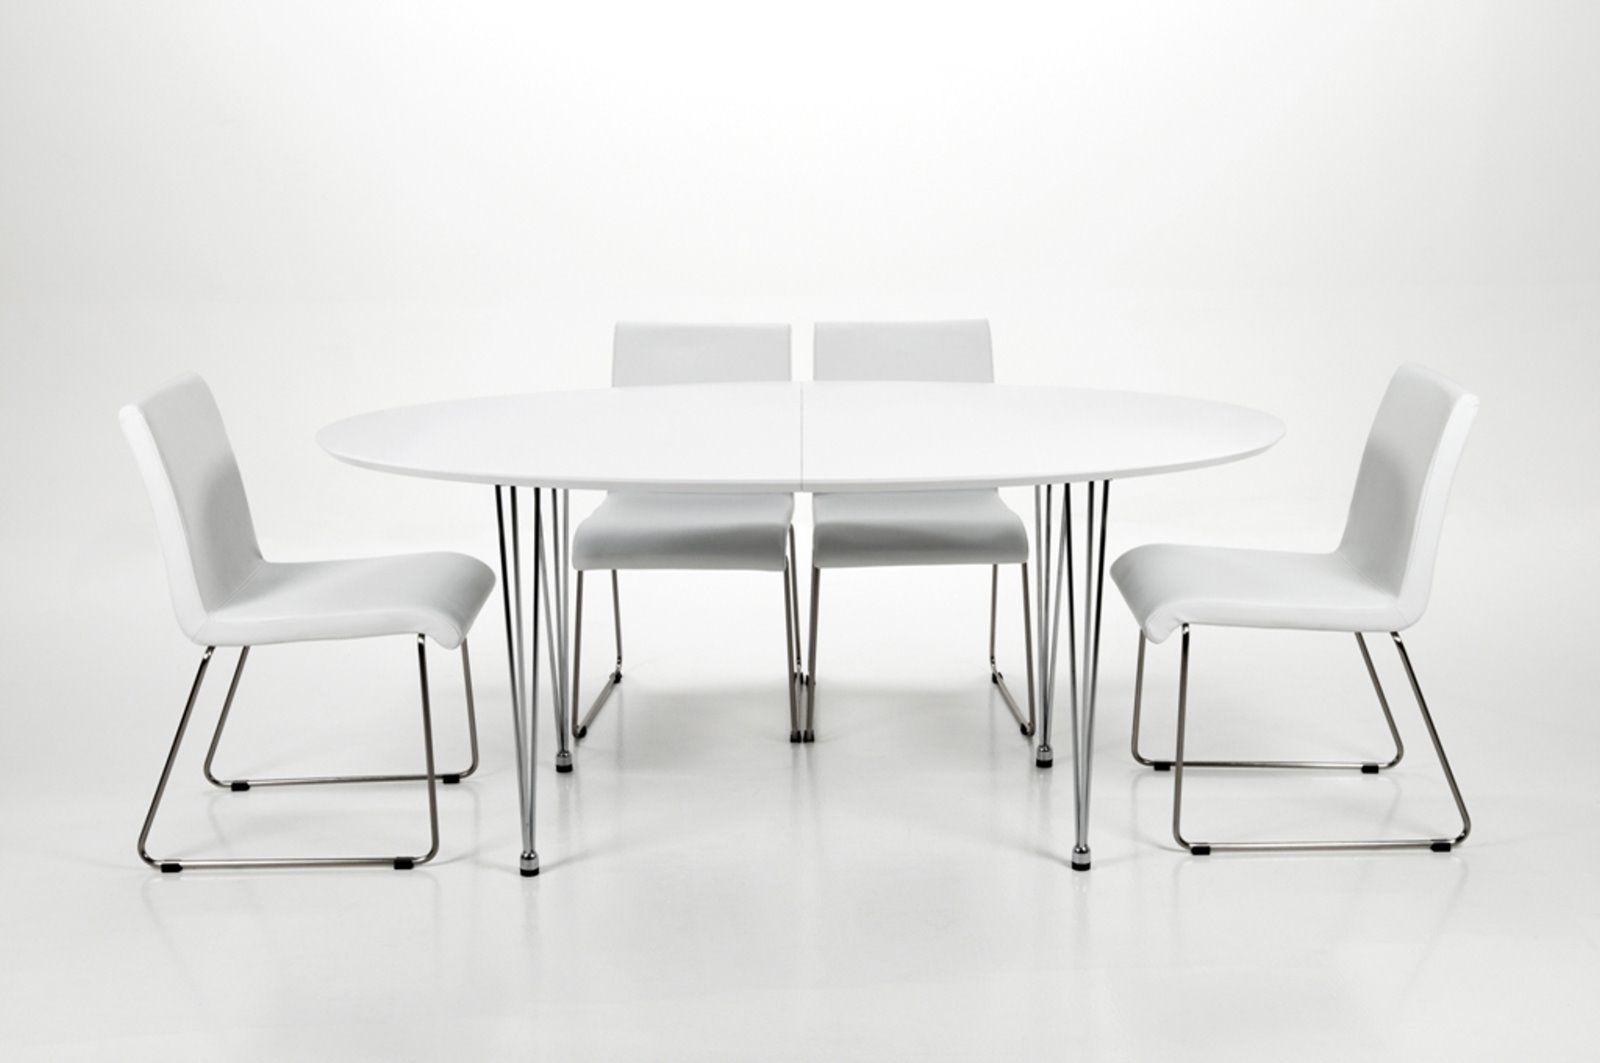 pkline esstisch ausziehbar esszimmertisch tisch. Black Bedroom Furniture Sets. Home Design Ideas